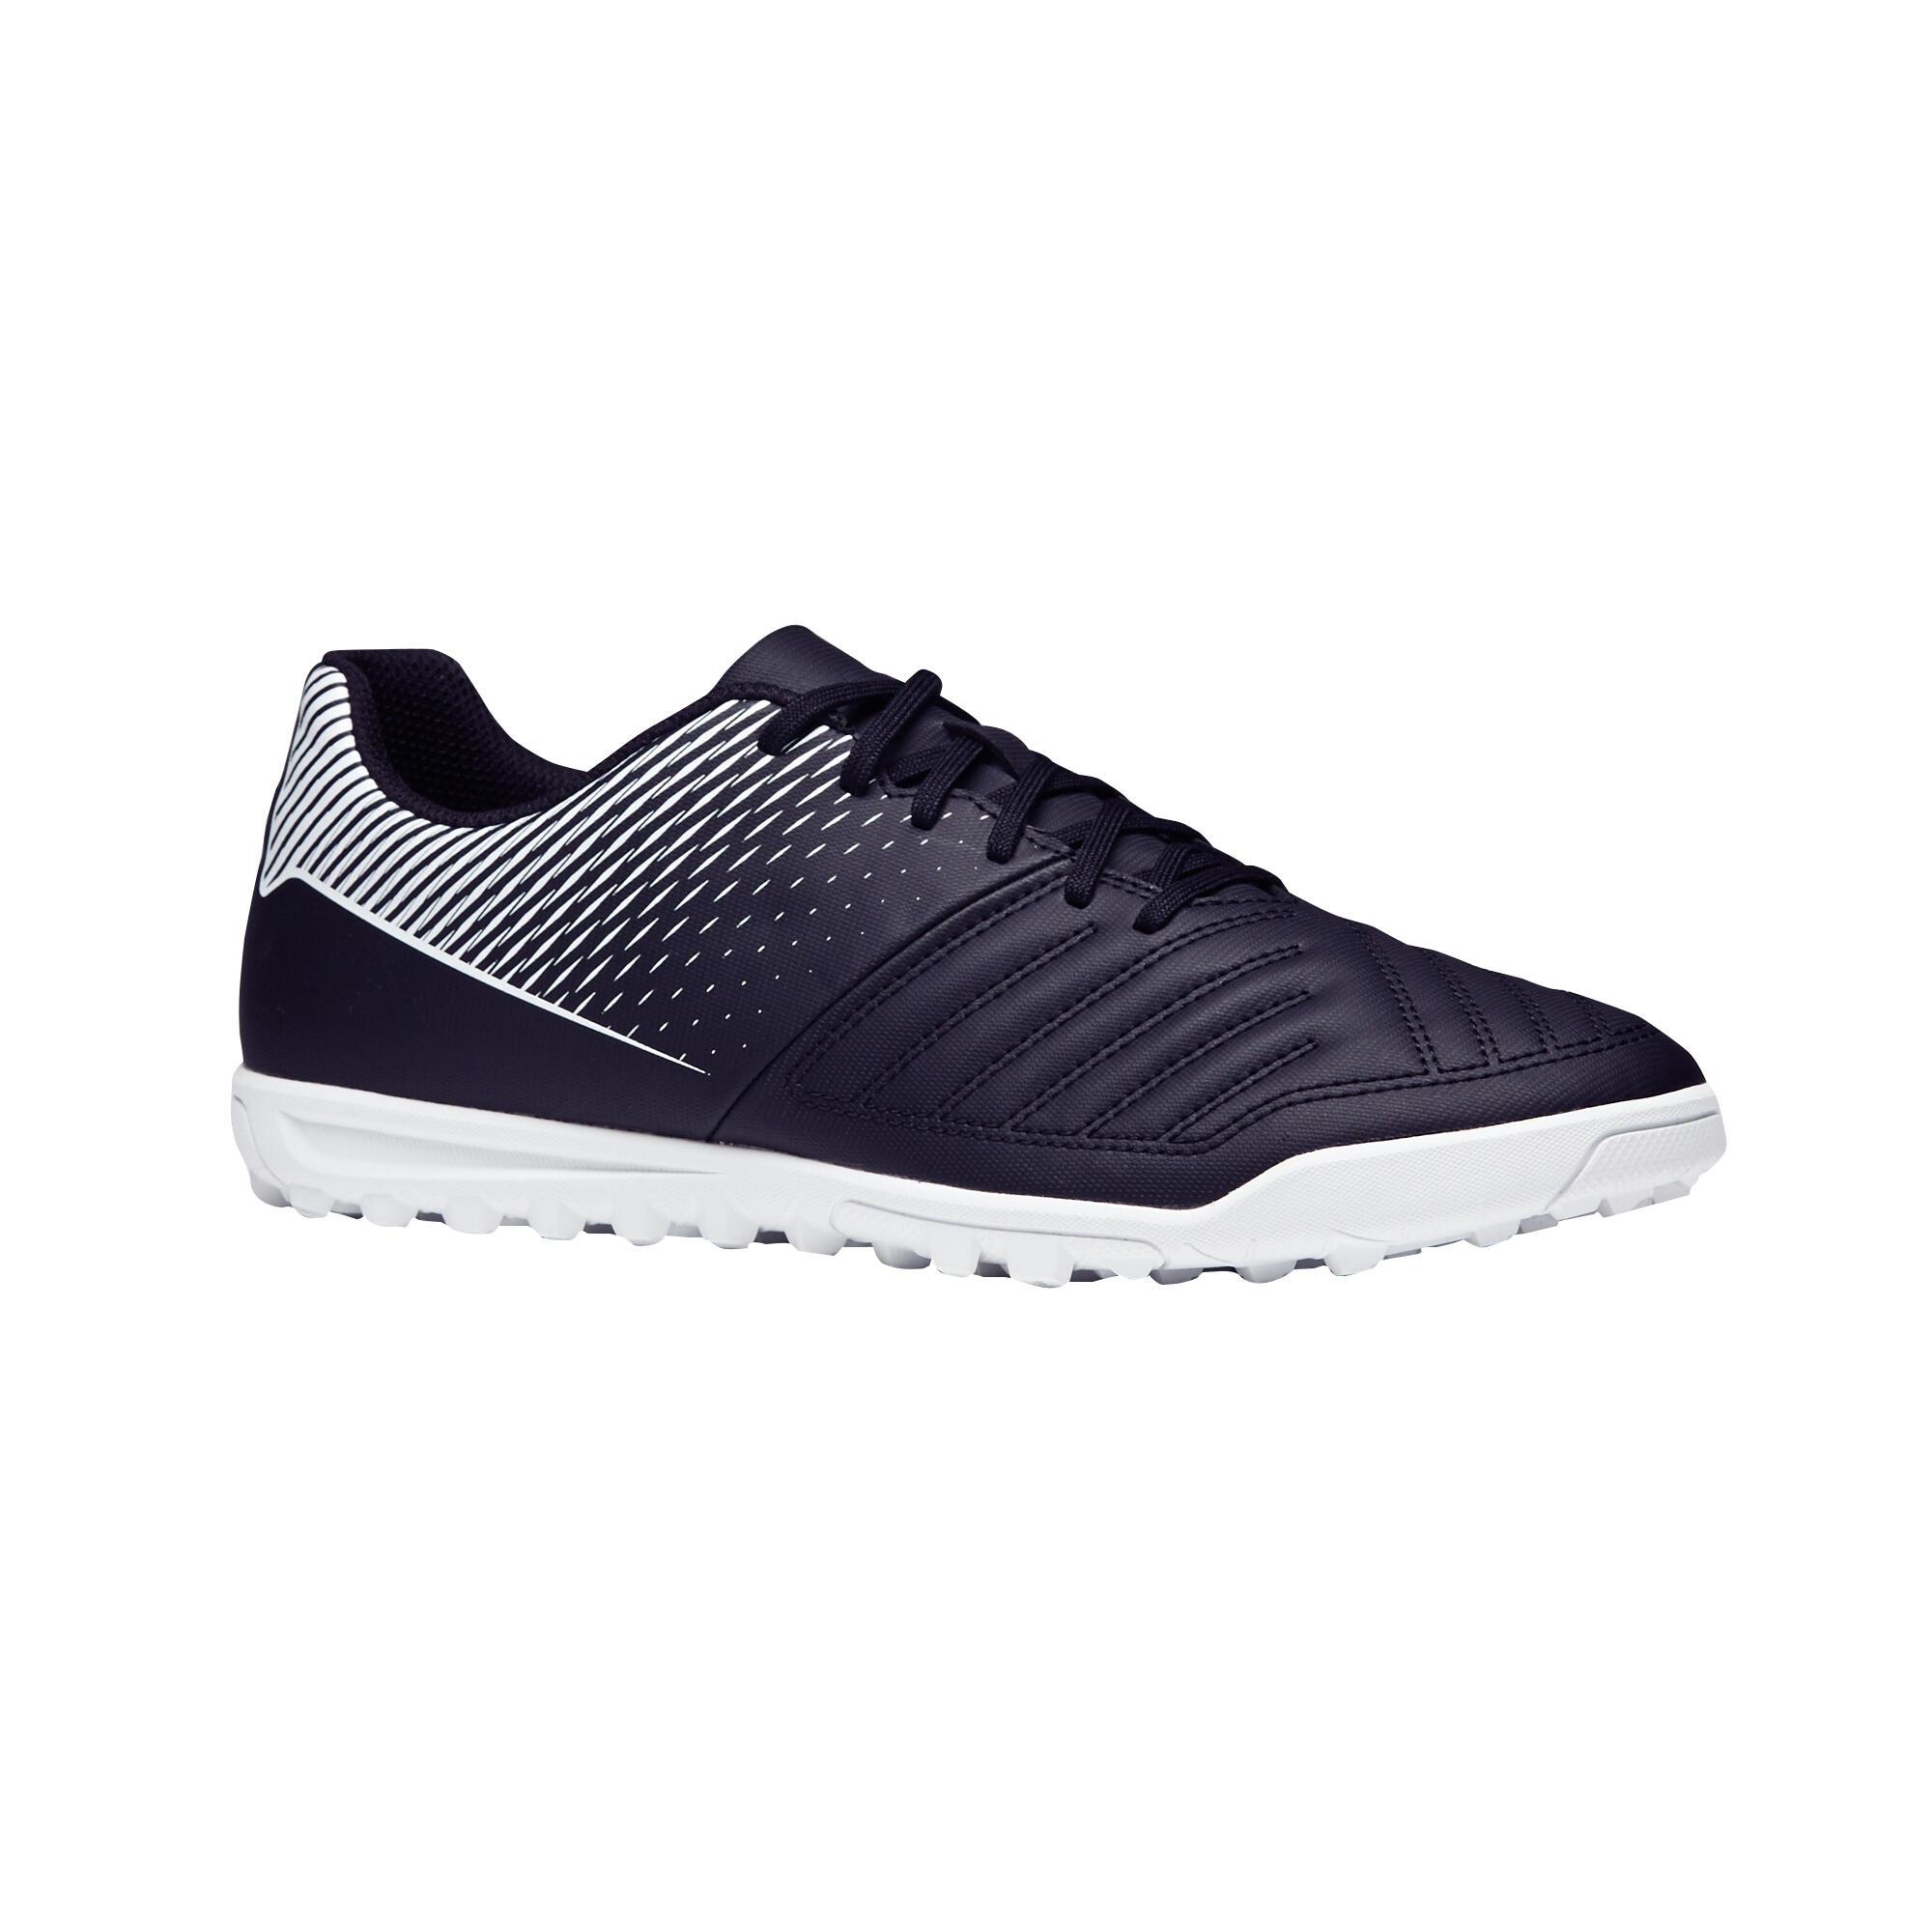 Chaussure de soccer adulte terrains durs Agilité 100 HG noire blanche